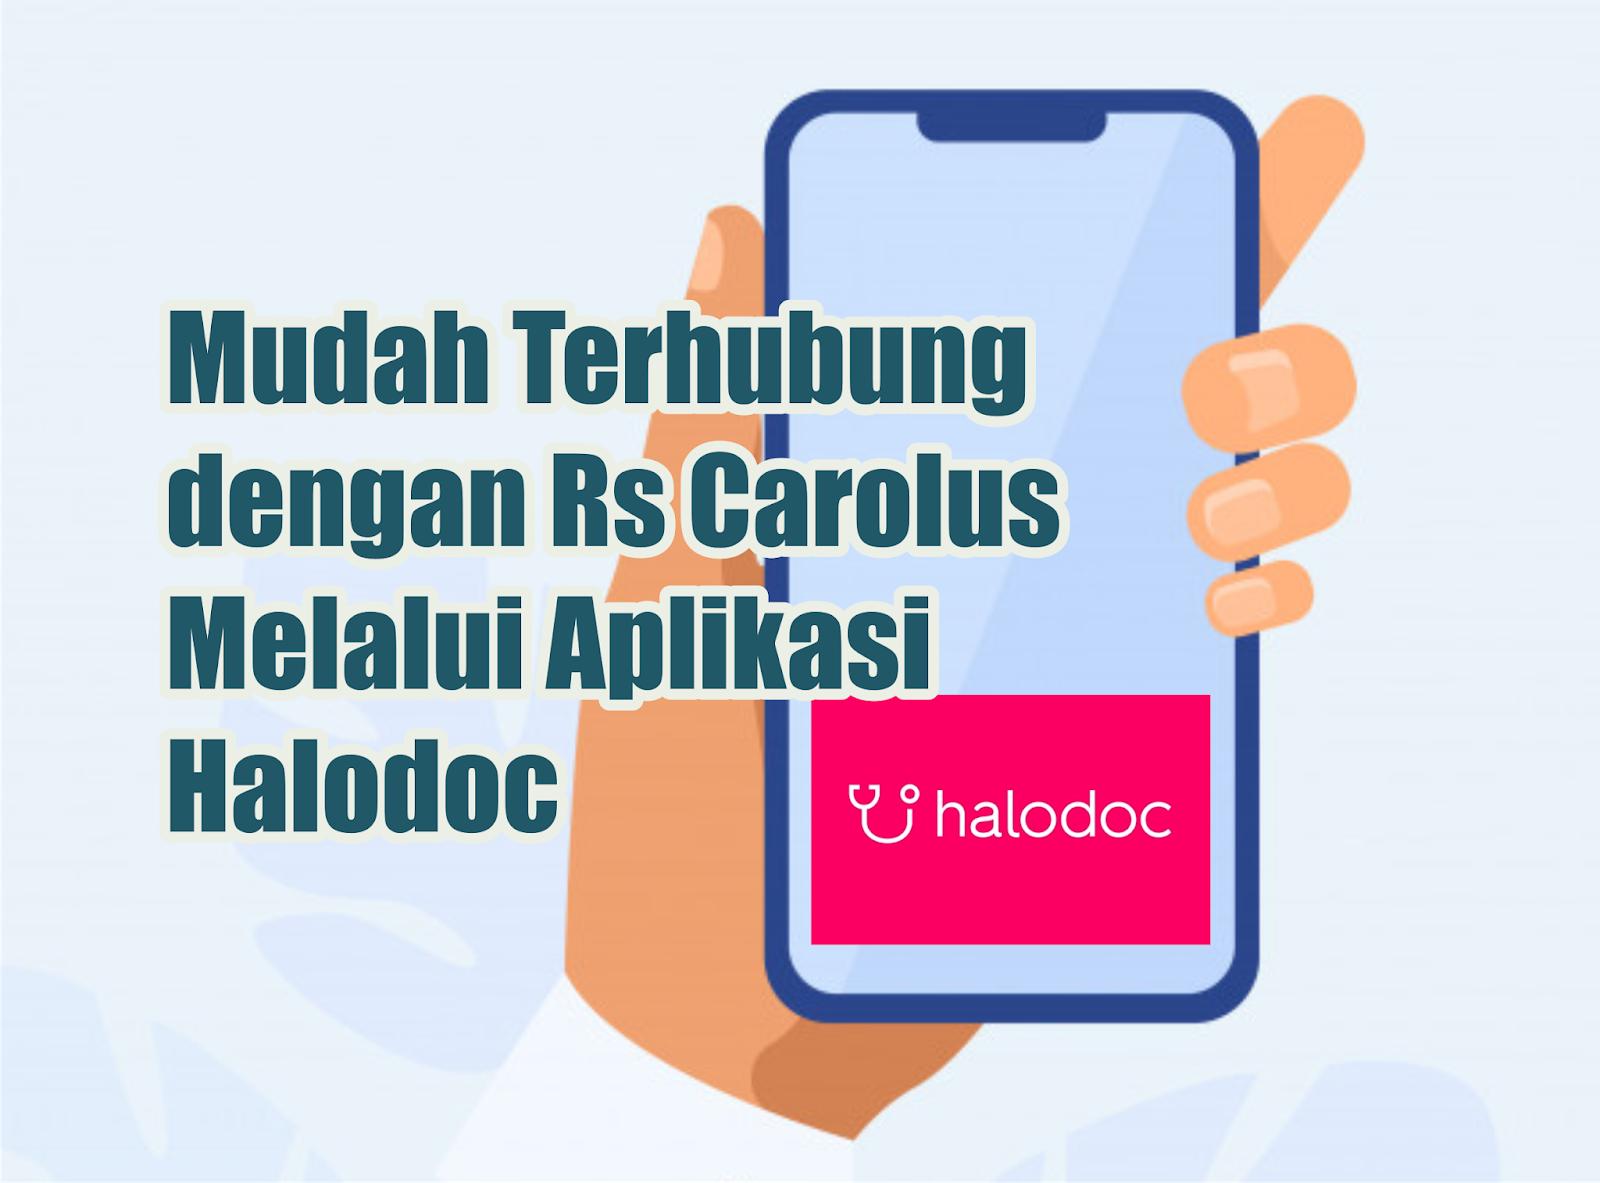 Mudah Terhubung dengan Rs Carolus Melalui Aplikasi Halodoc